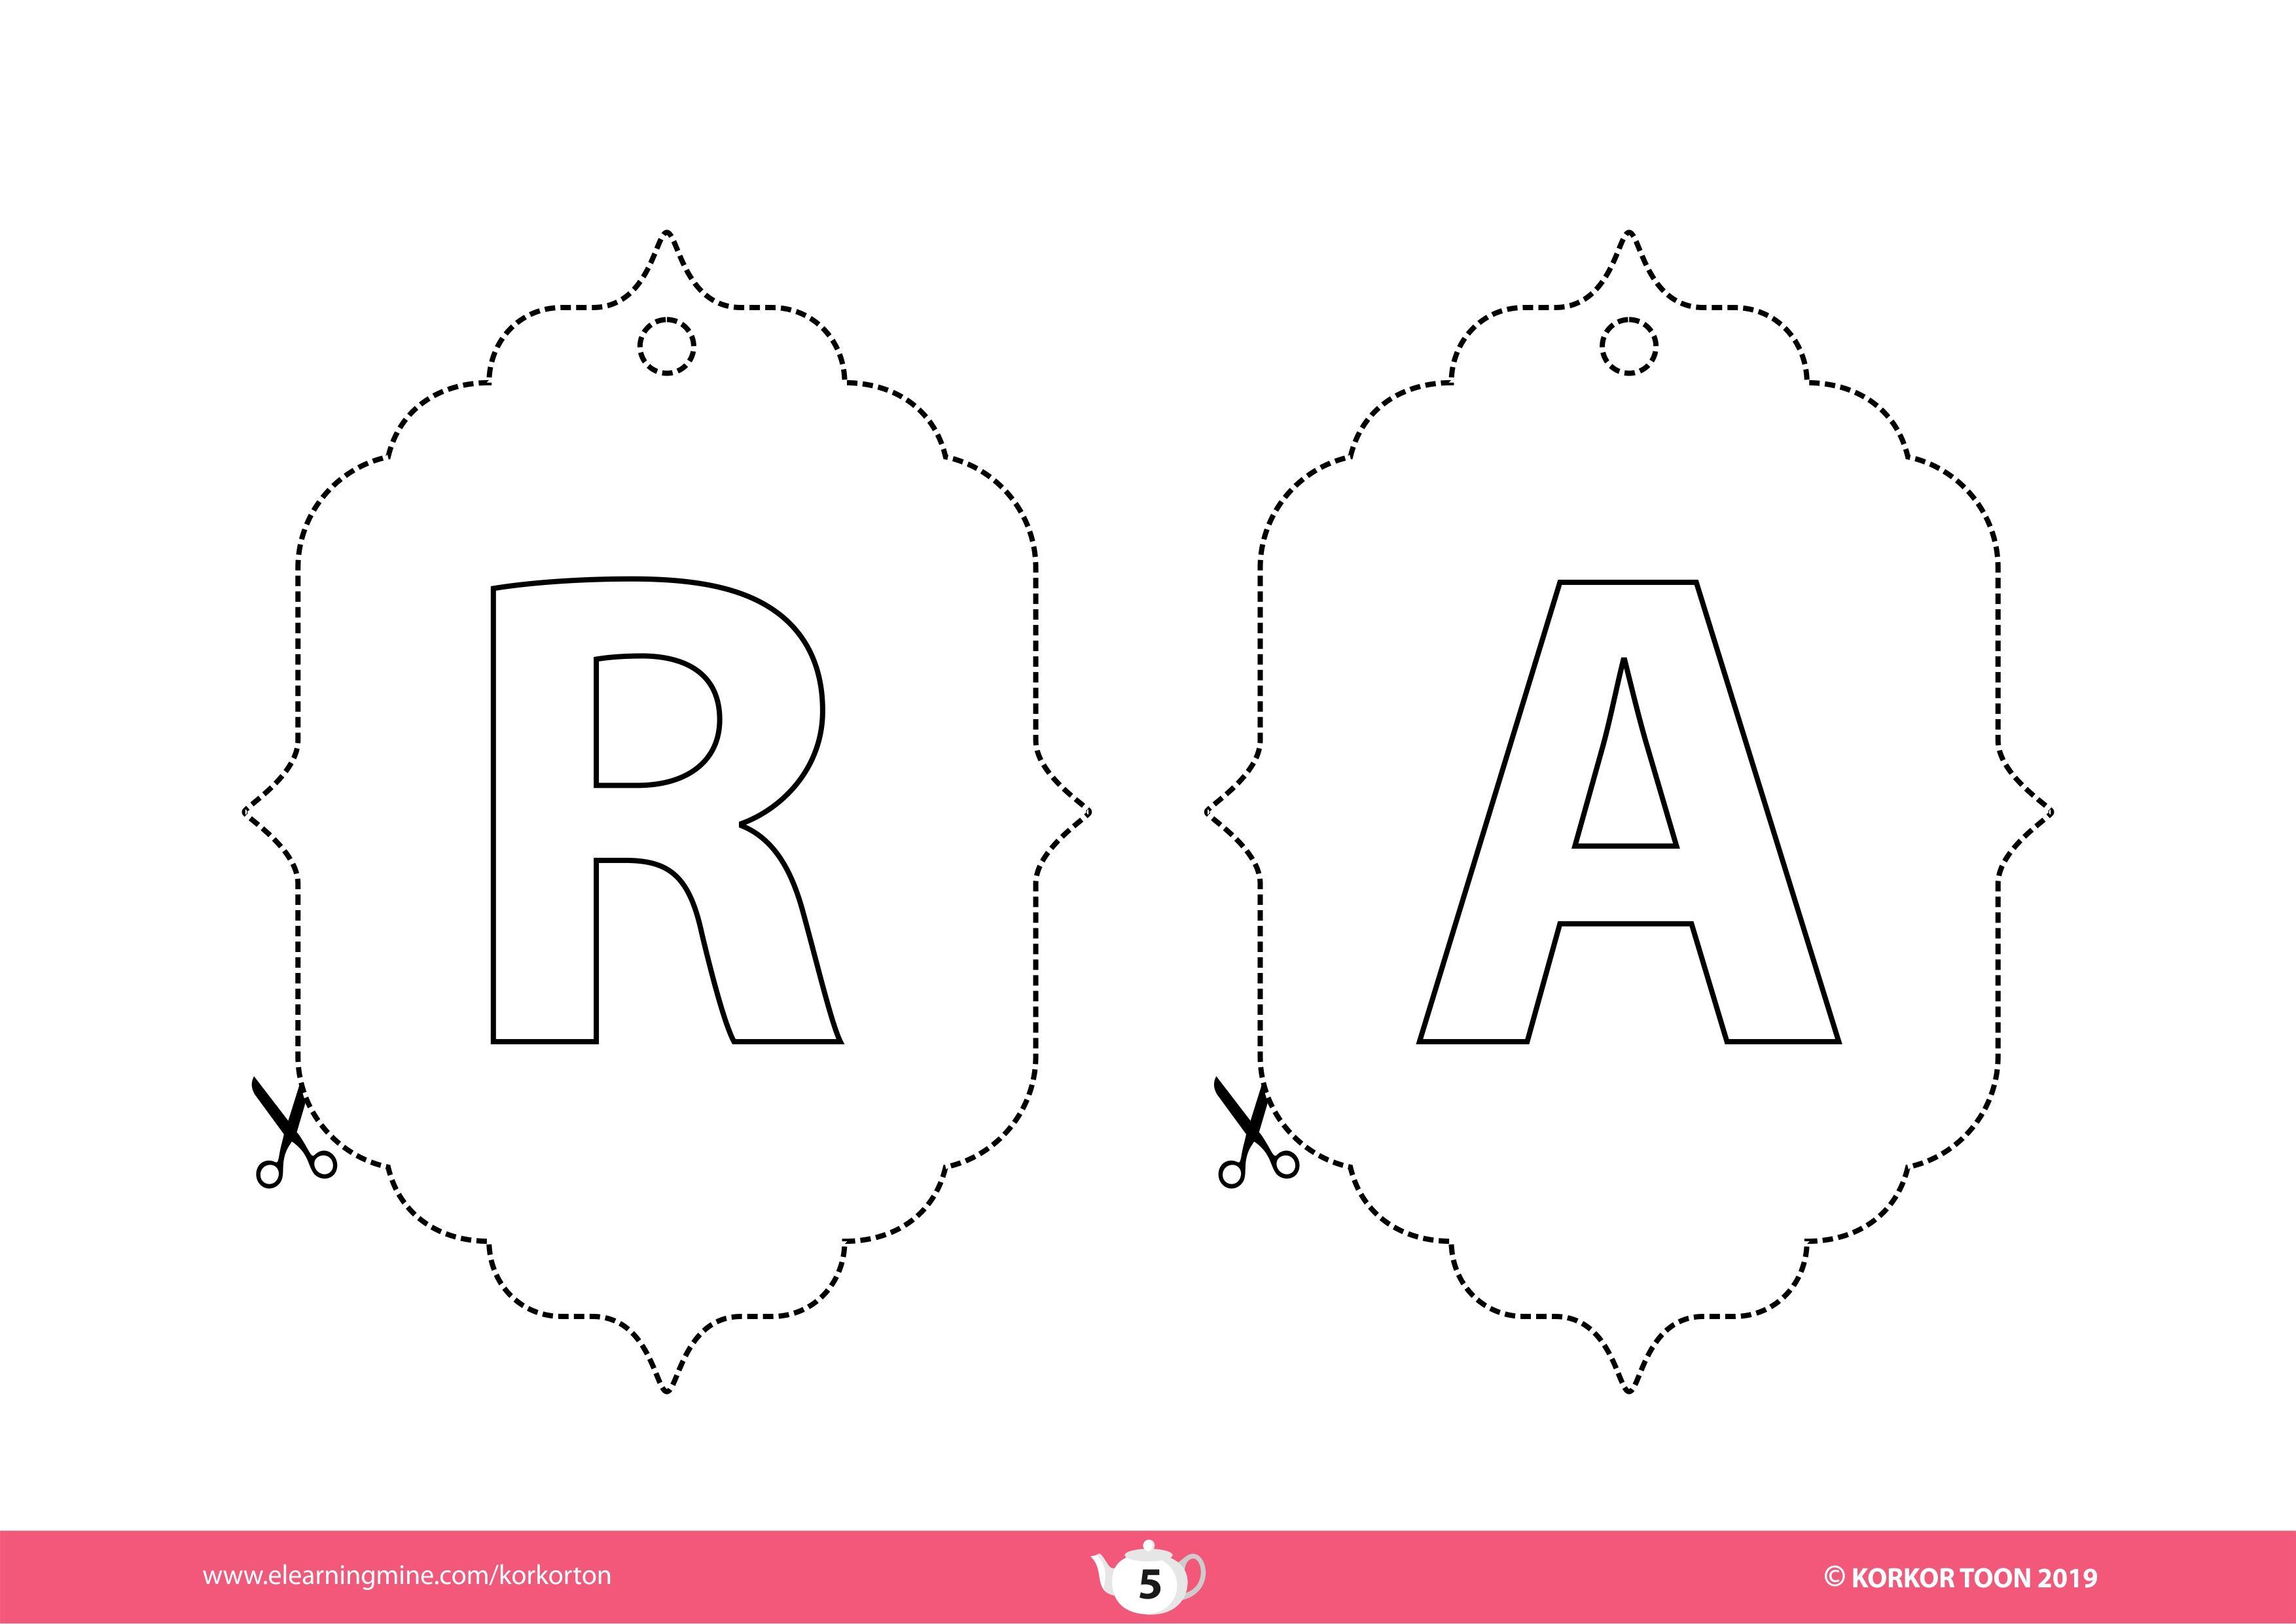 زينة رمضان جاهزة للطباعة Printable Ramadan Decoration Ramadan Crafts Ramadan Decorations Ramadan Decorations Printables